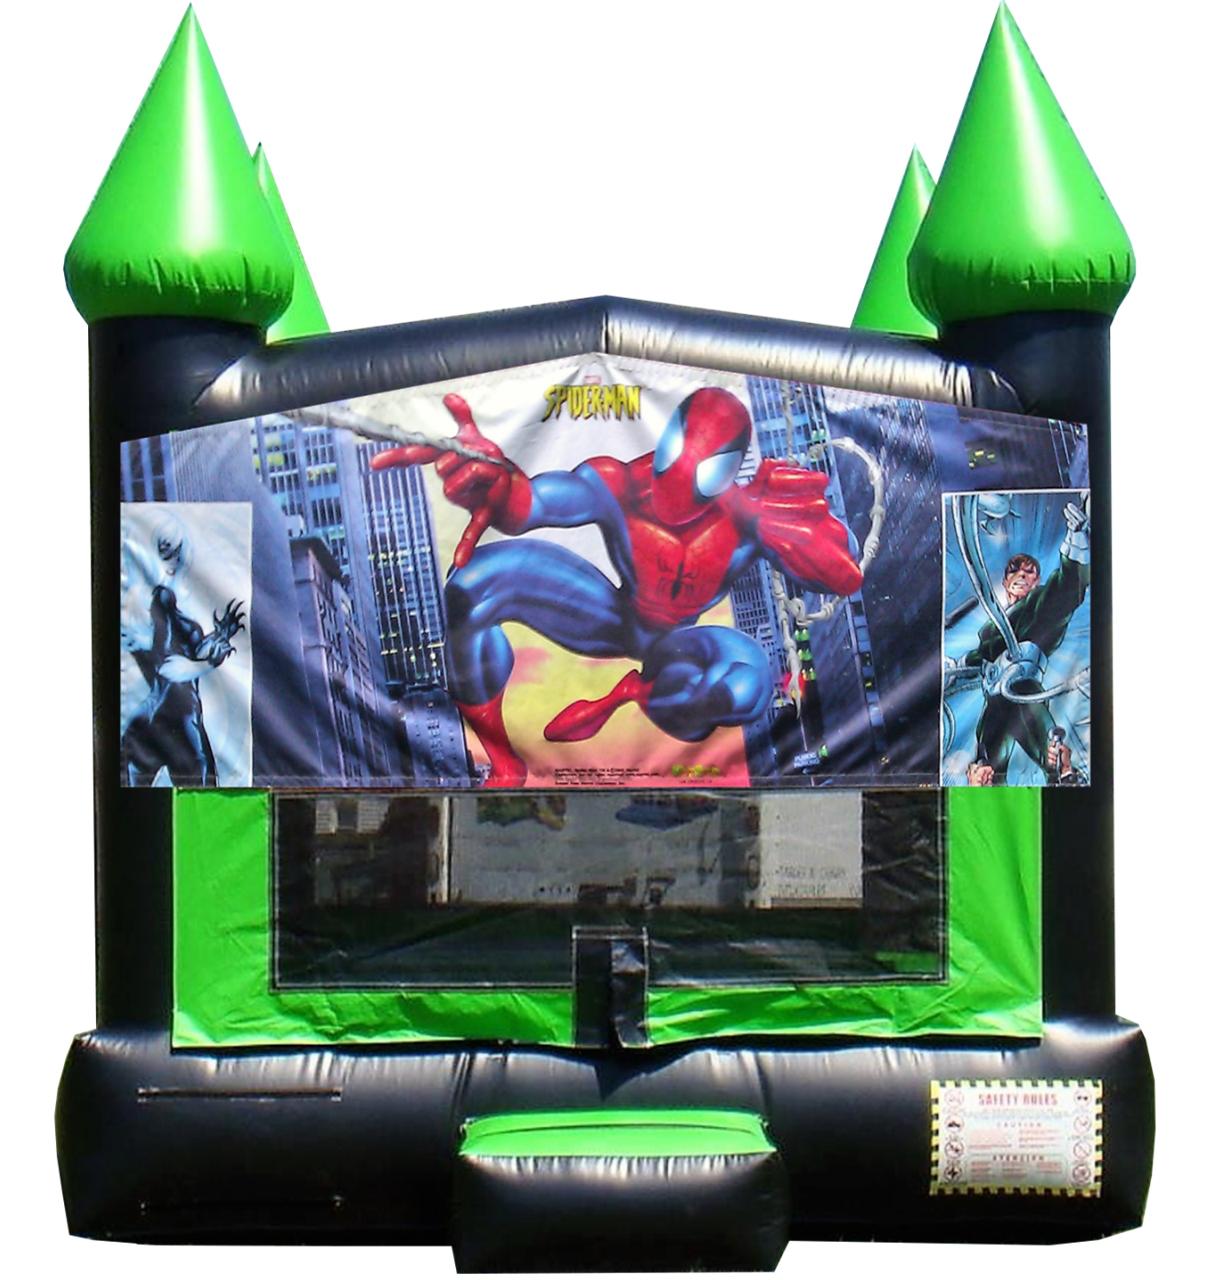 Murfreesboro inflatable bounce house rentals Murfreesboro